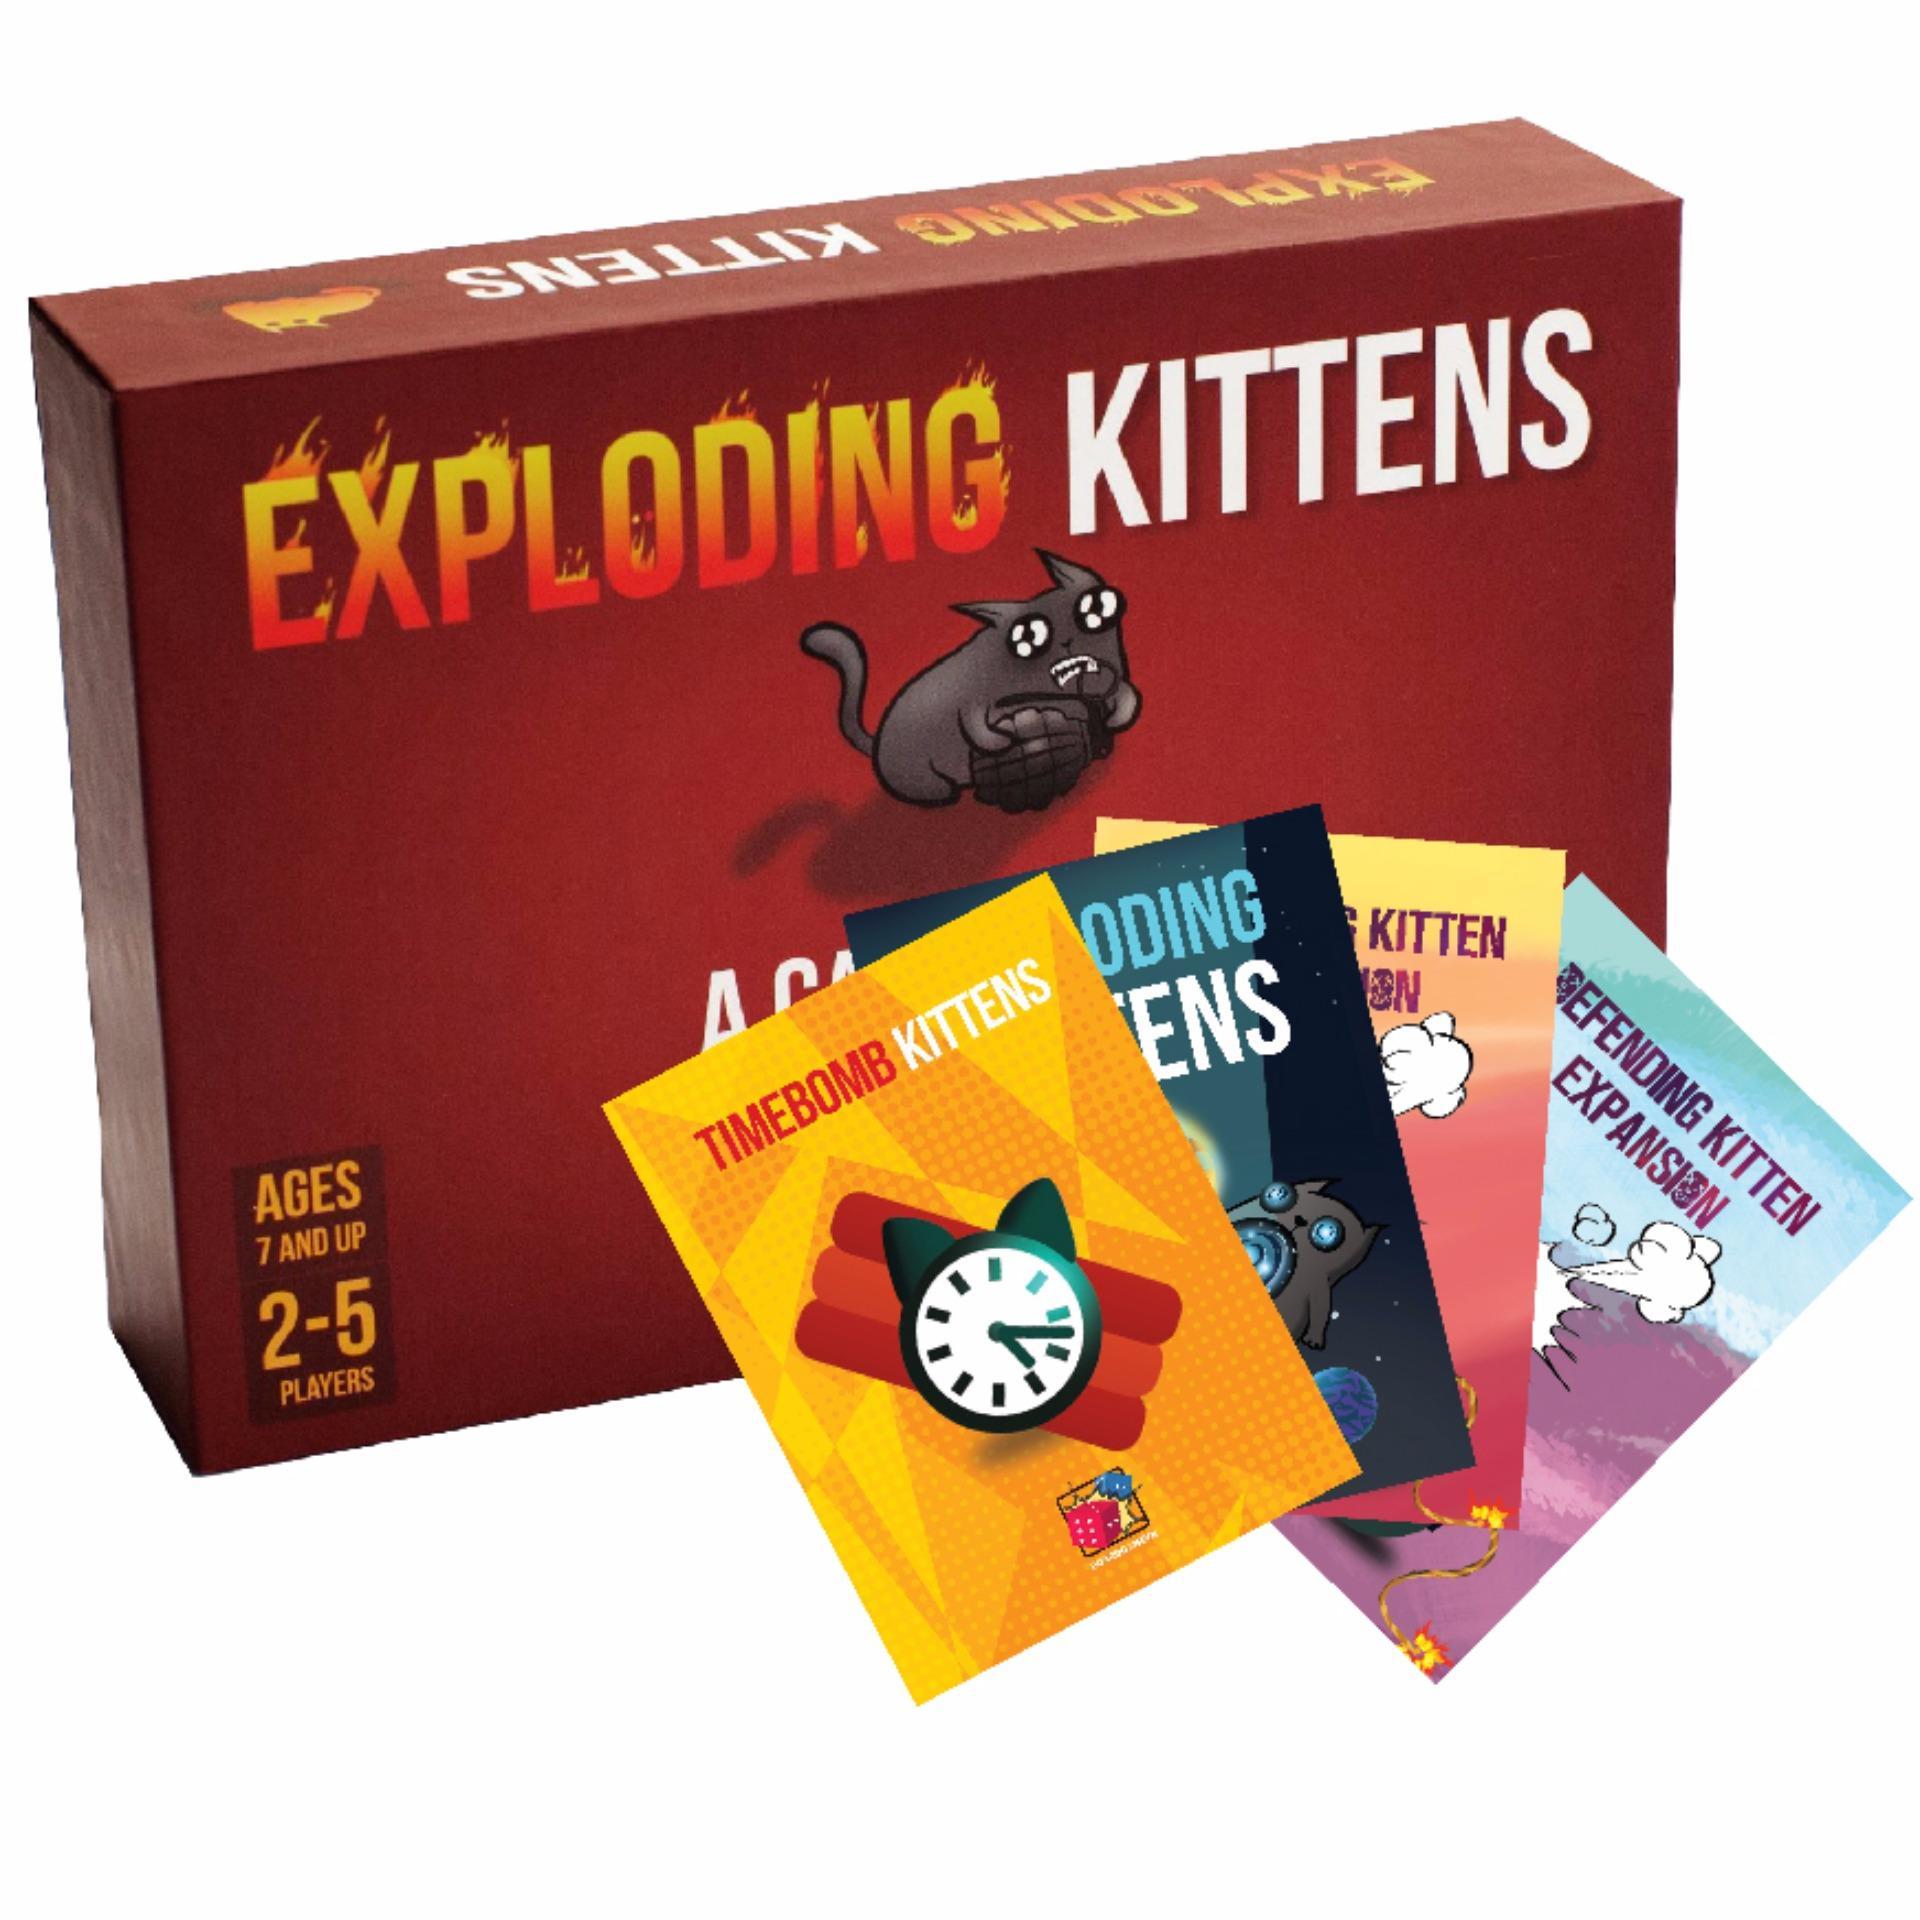 Set Mèo Nổ Tưng Bừng: Combo Mèo nổ + 4 Bản mở rộng